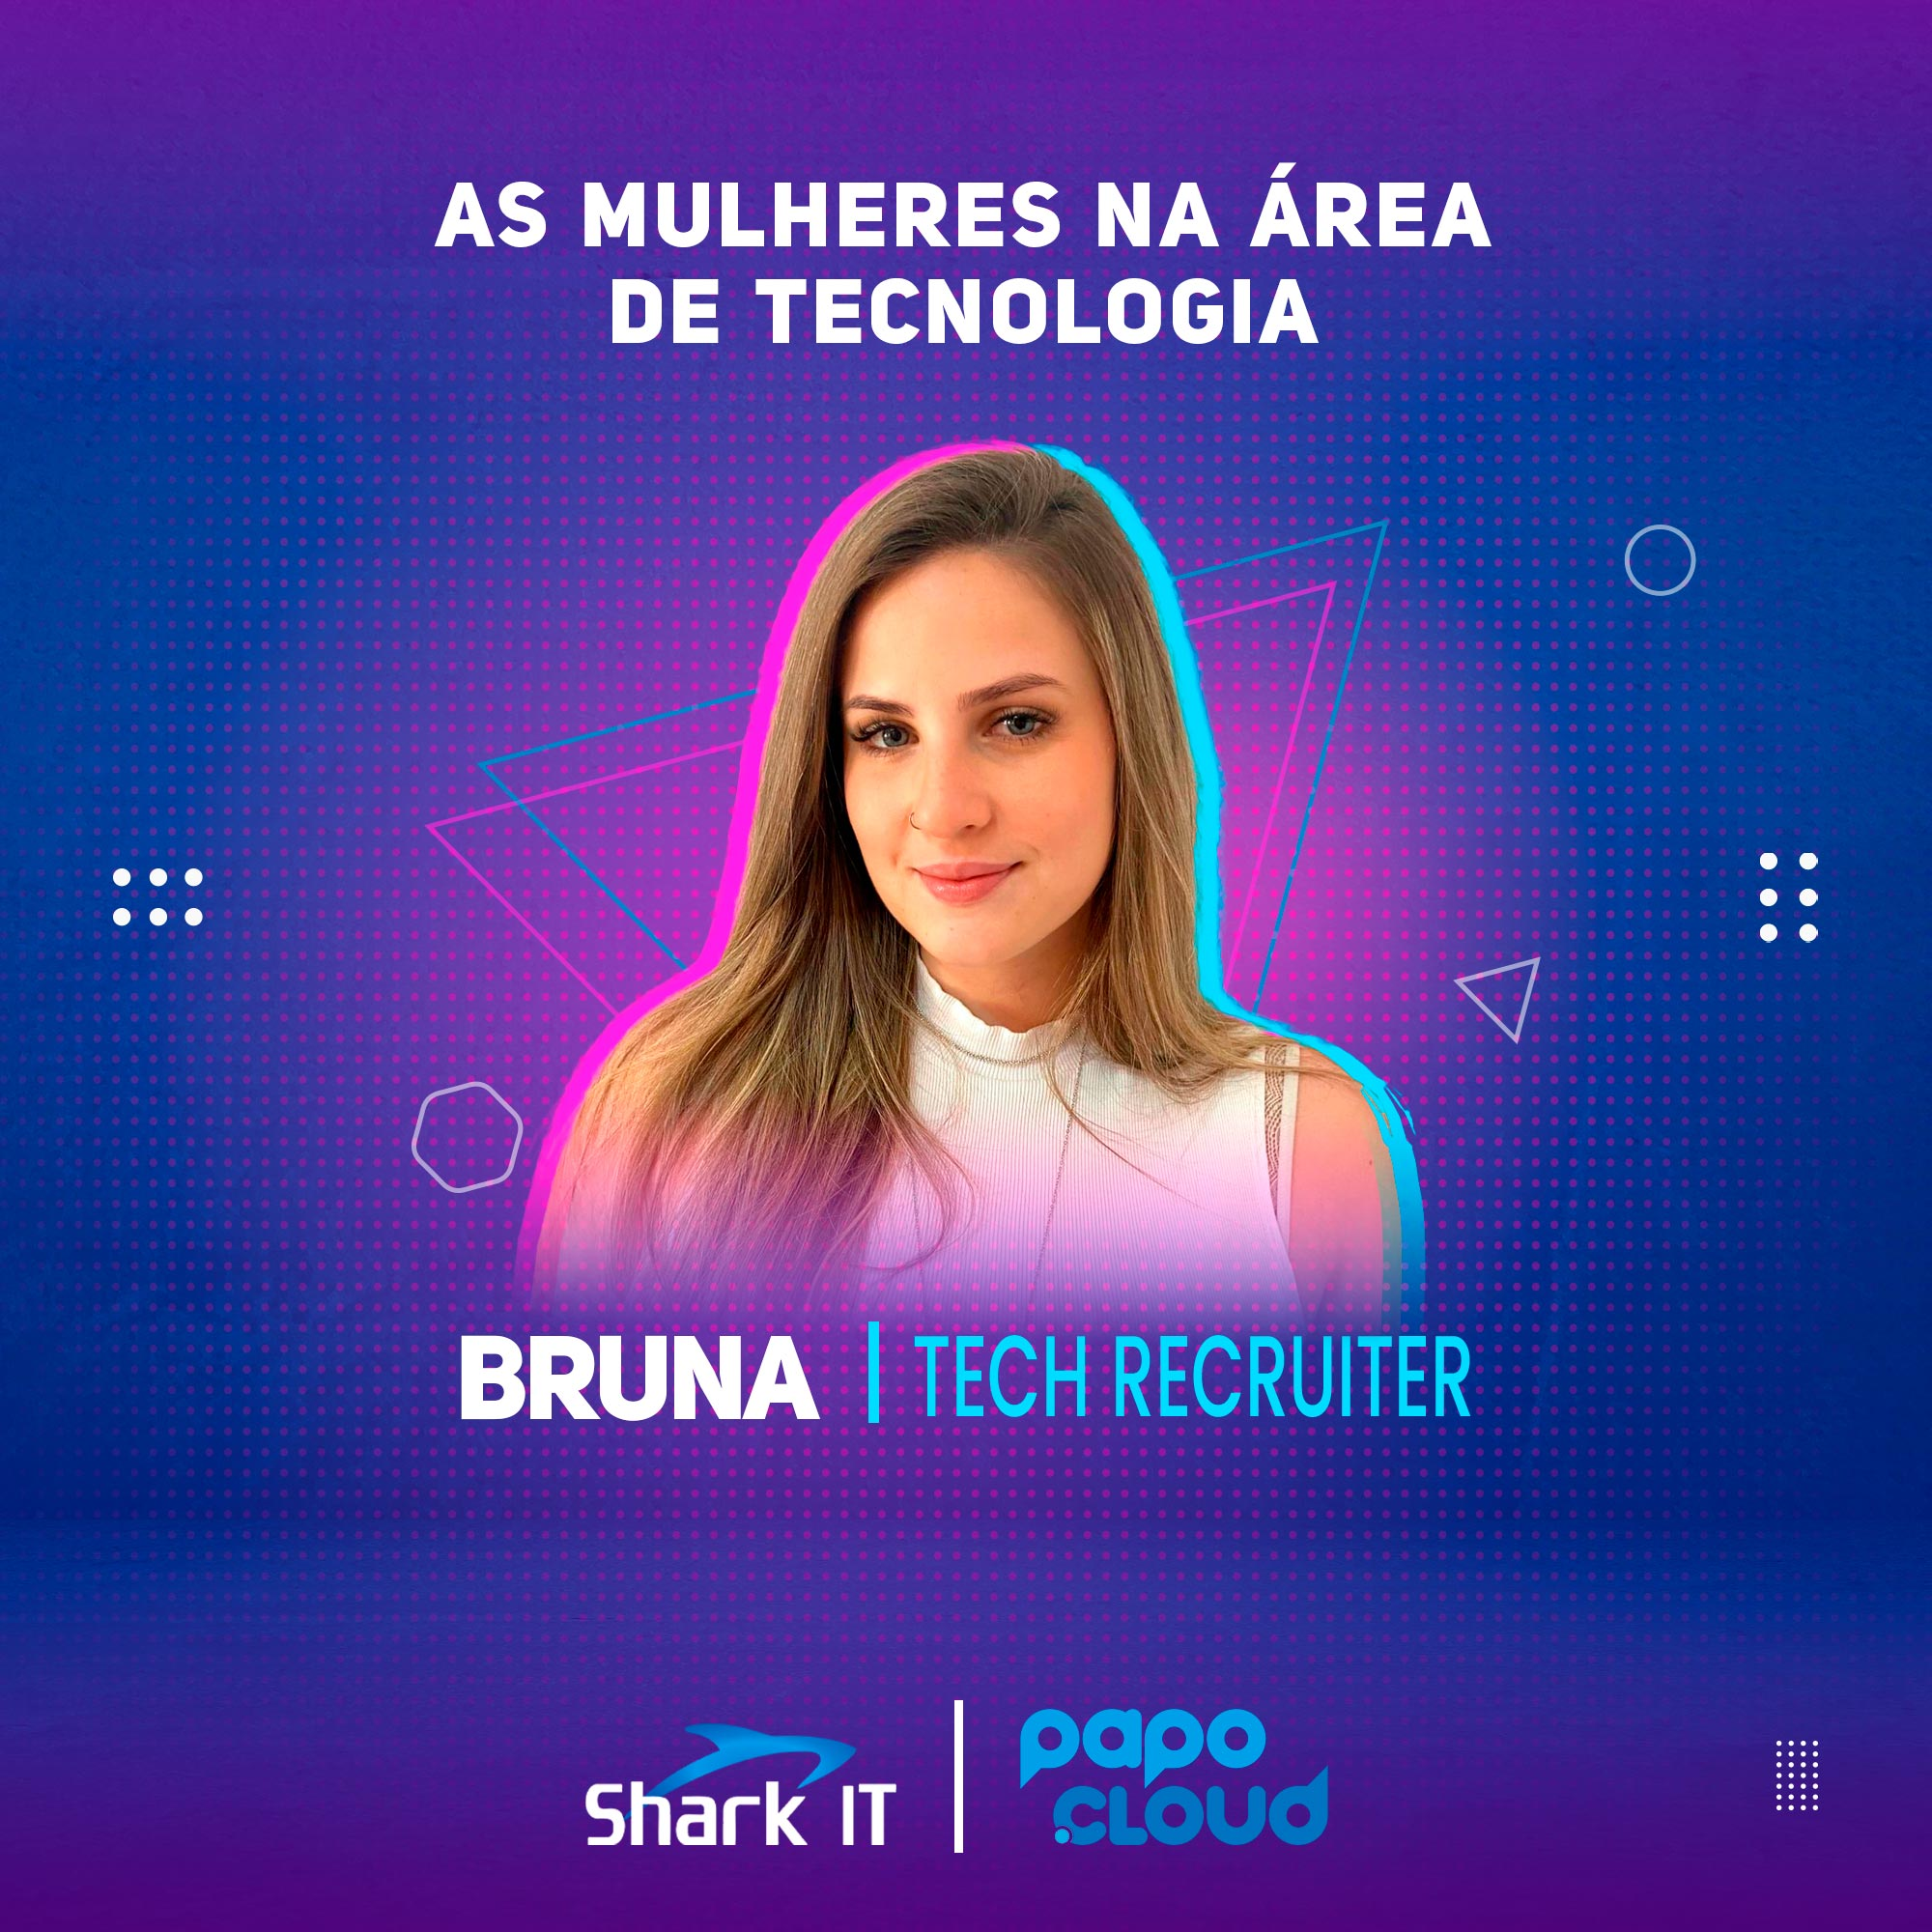 As mulheres na área de tecnologia